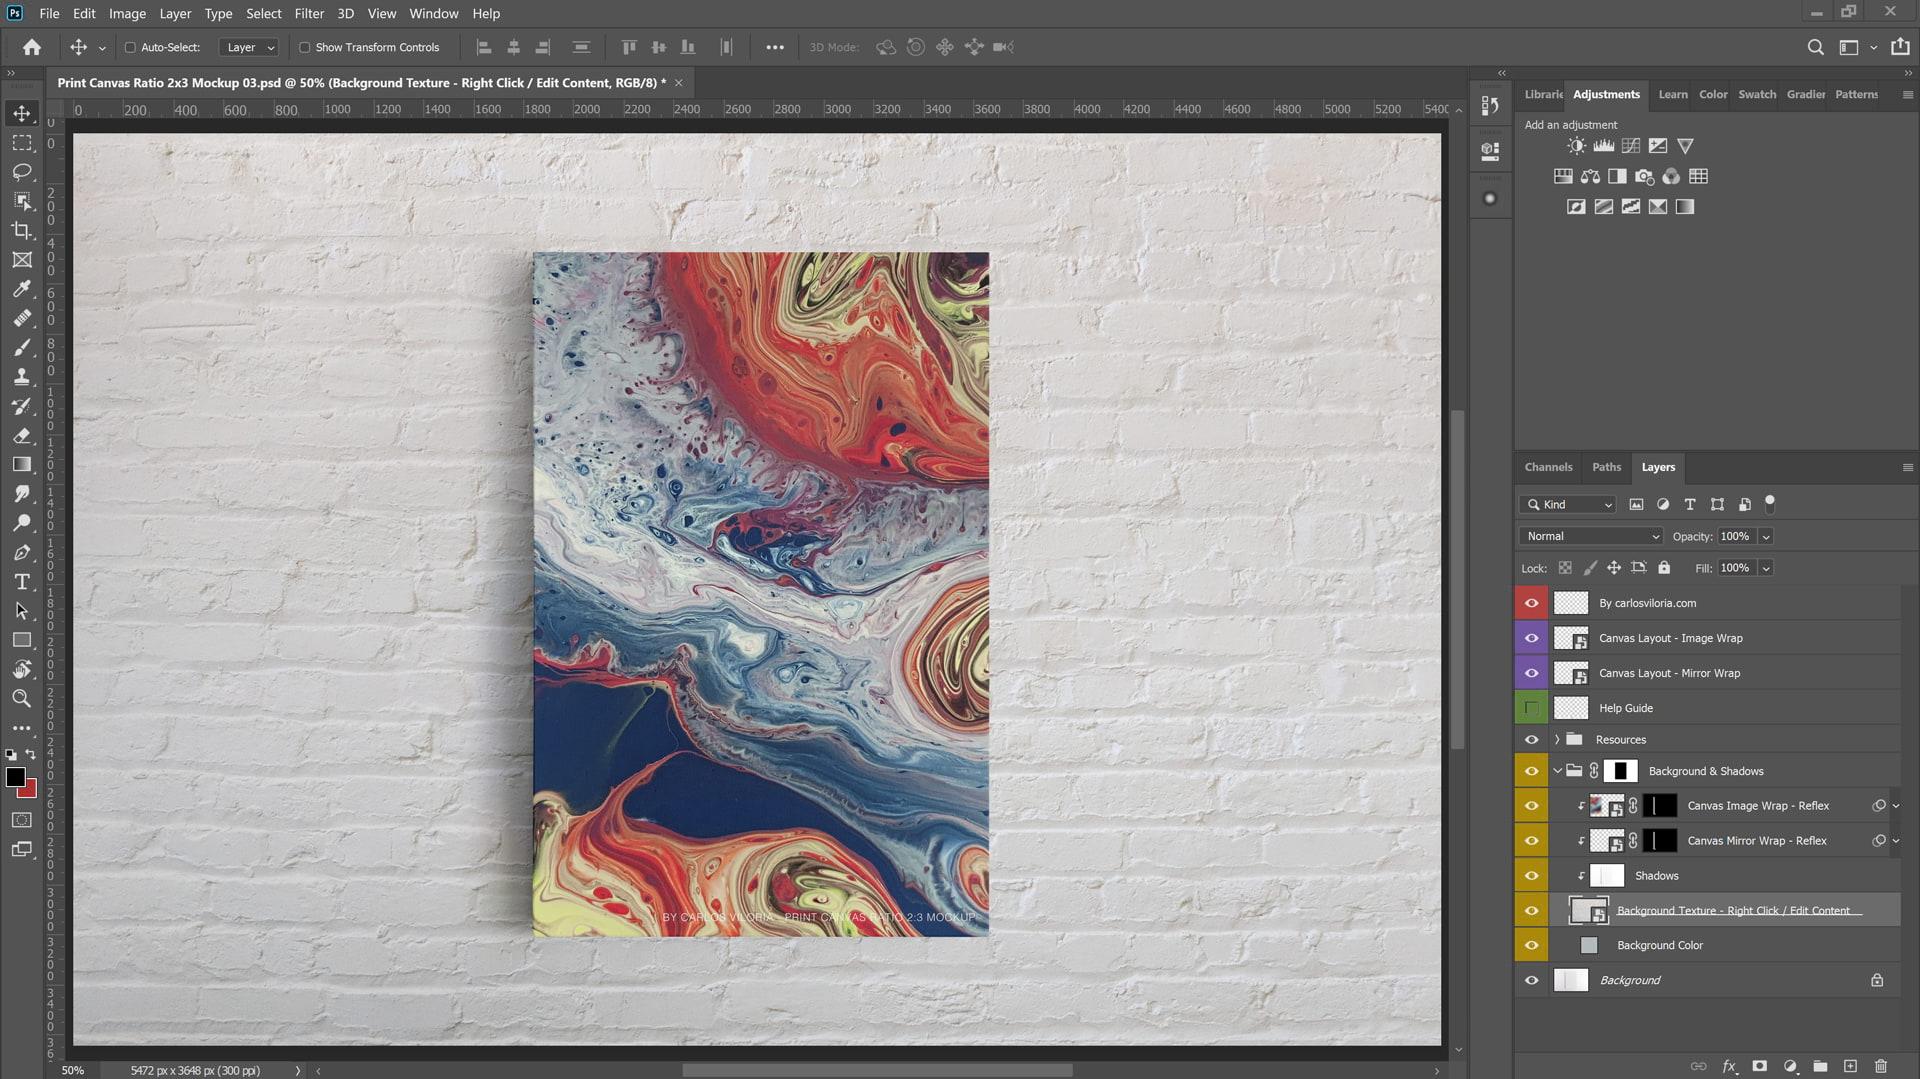 Frame Canvas Mockup